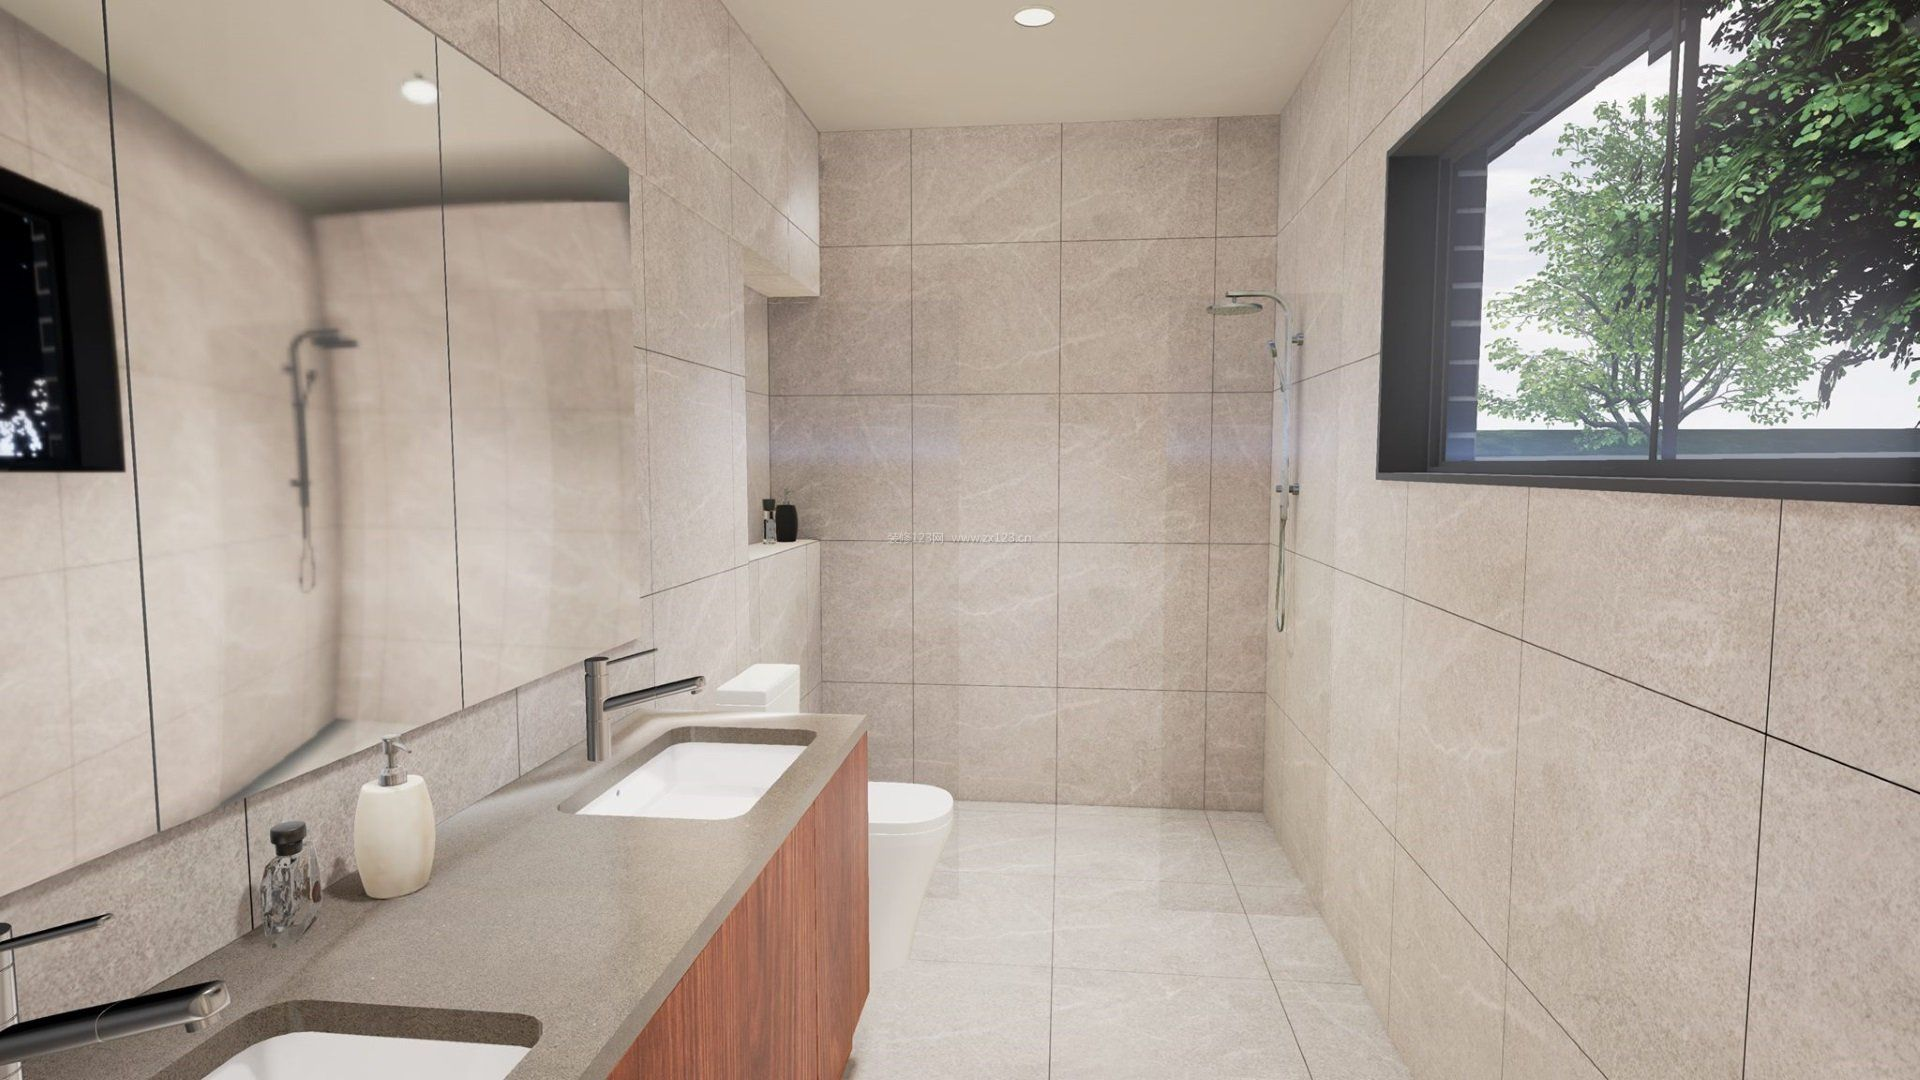 厕所 家居 设计 卫生间 卫生间装修 装修 1920_1080